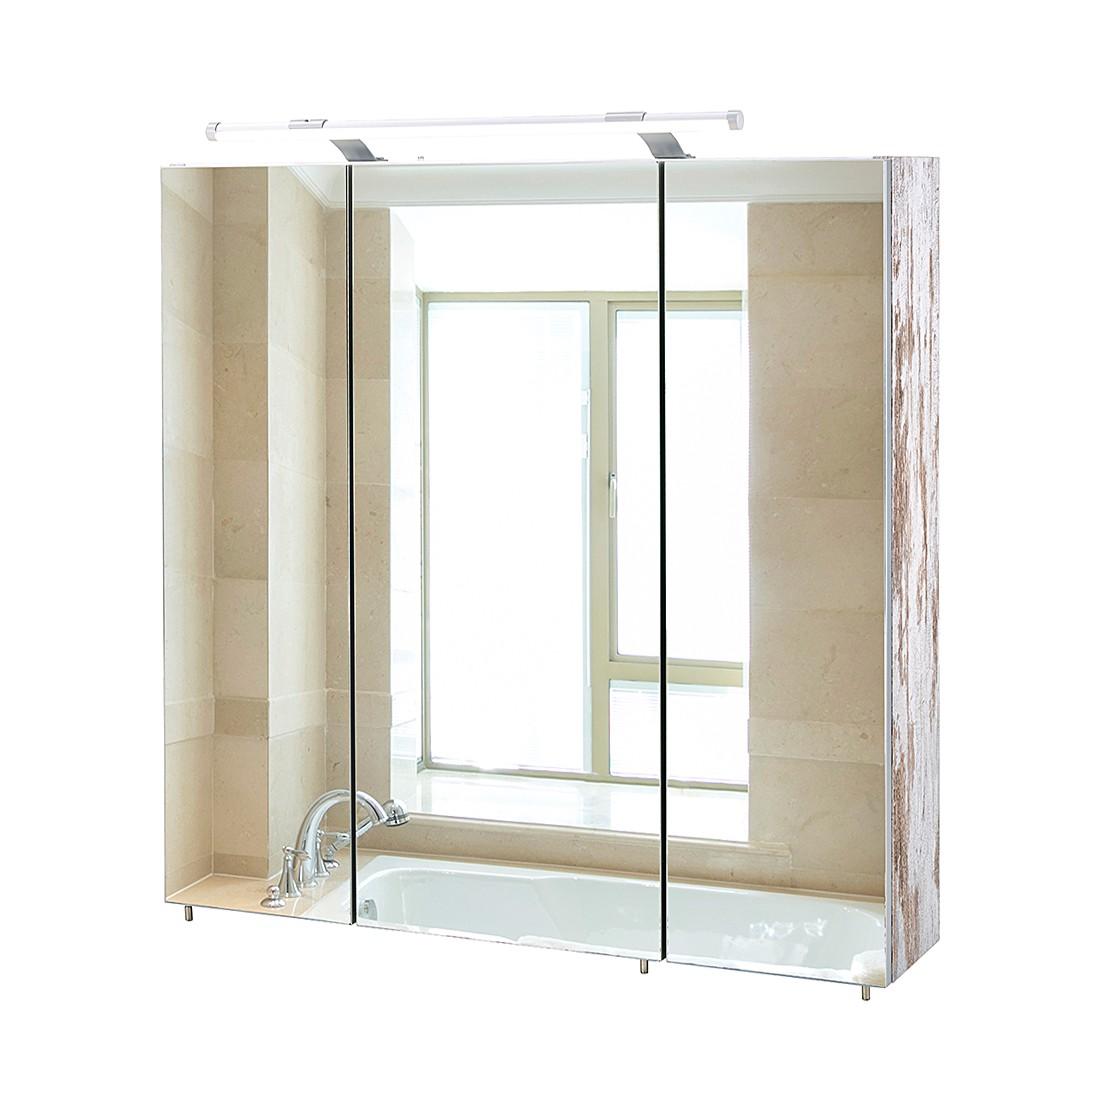 energia A+, Armadietto a specchio Verna - Effetto quercia antica, Schildmeyer